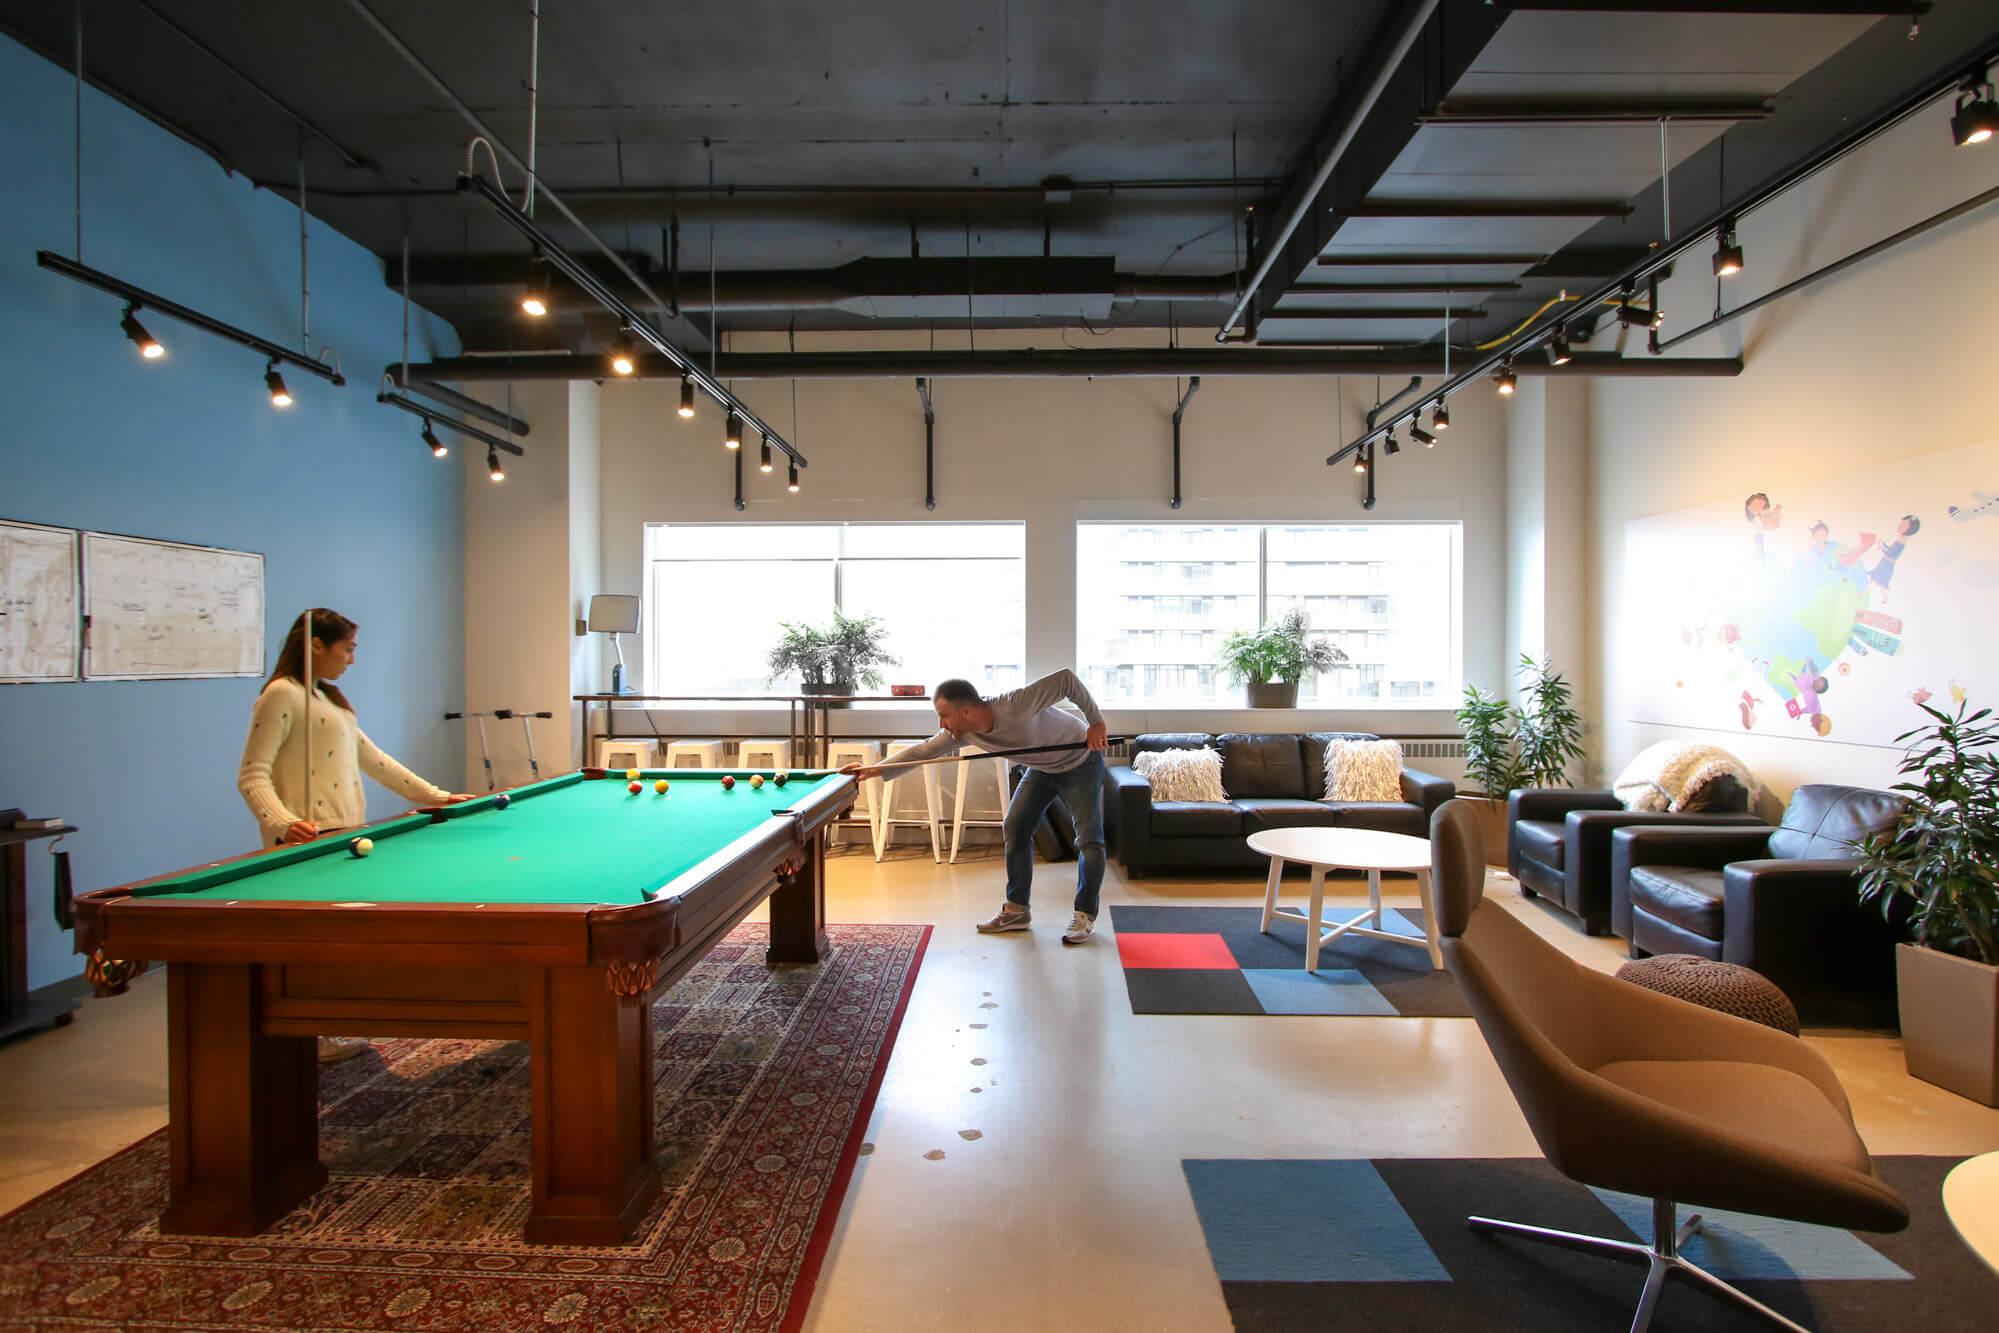 Varagesale Office Killer Spaces-16